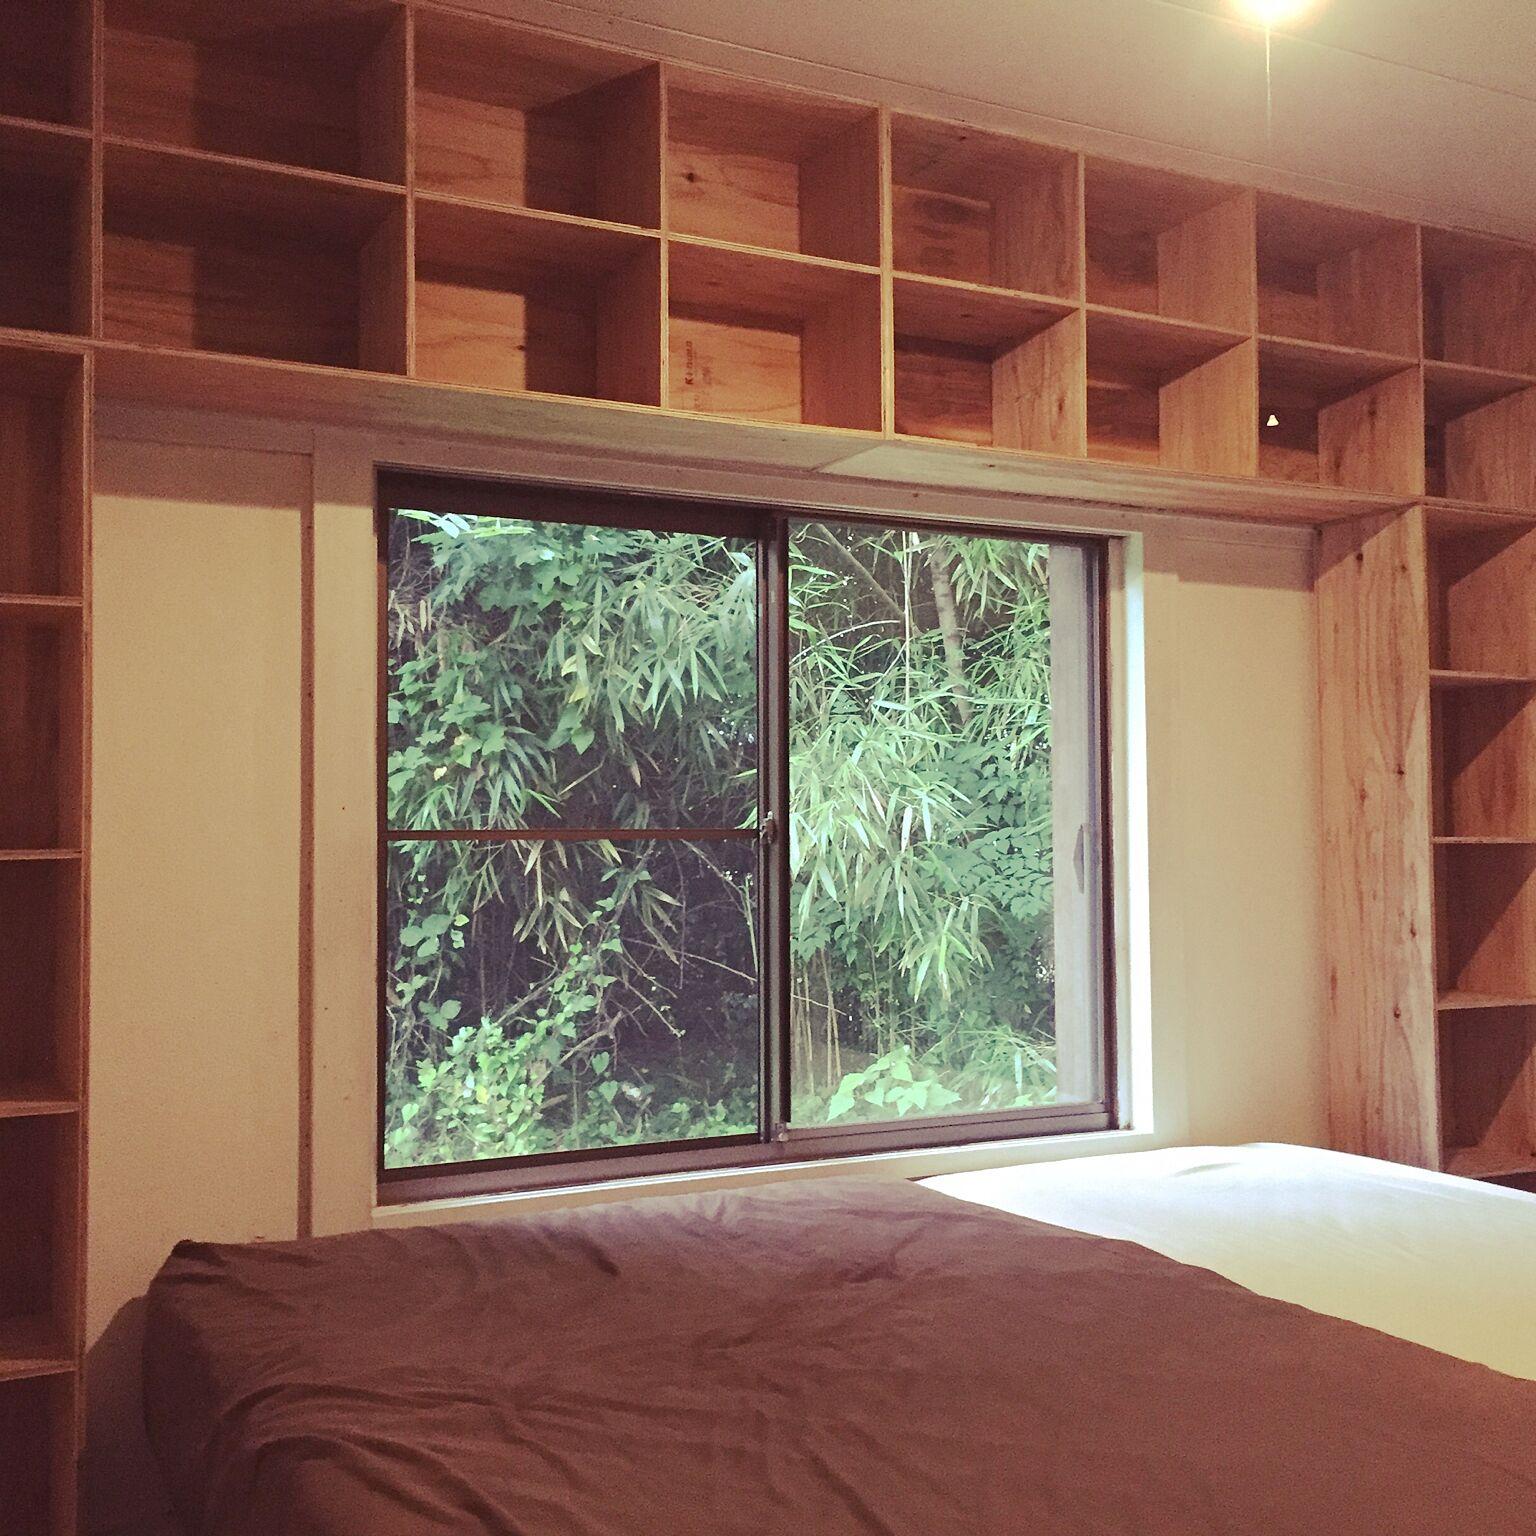 男性で、2LDKの収納/中古を買ってリノベーション/DIY/秋田杉プライウッド/寝室…などについてのインテリア実例を紹介。